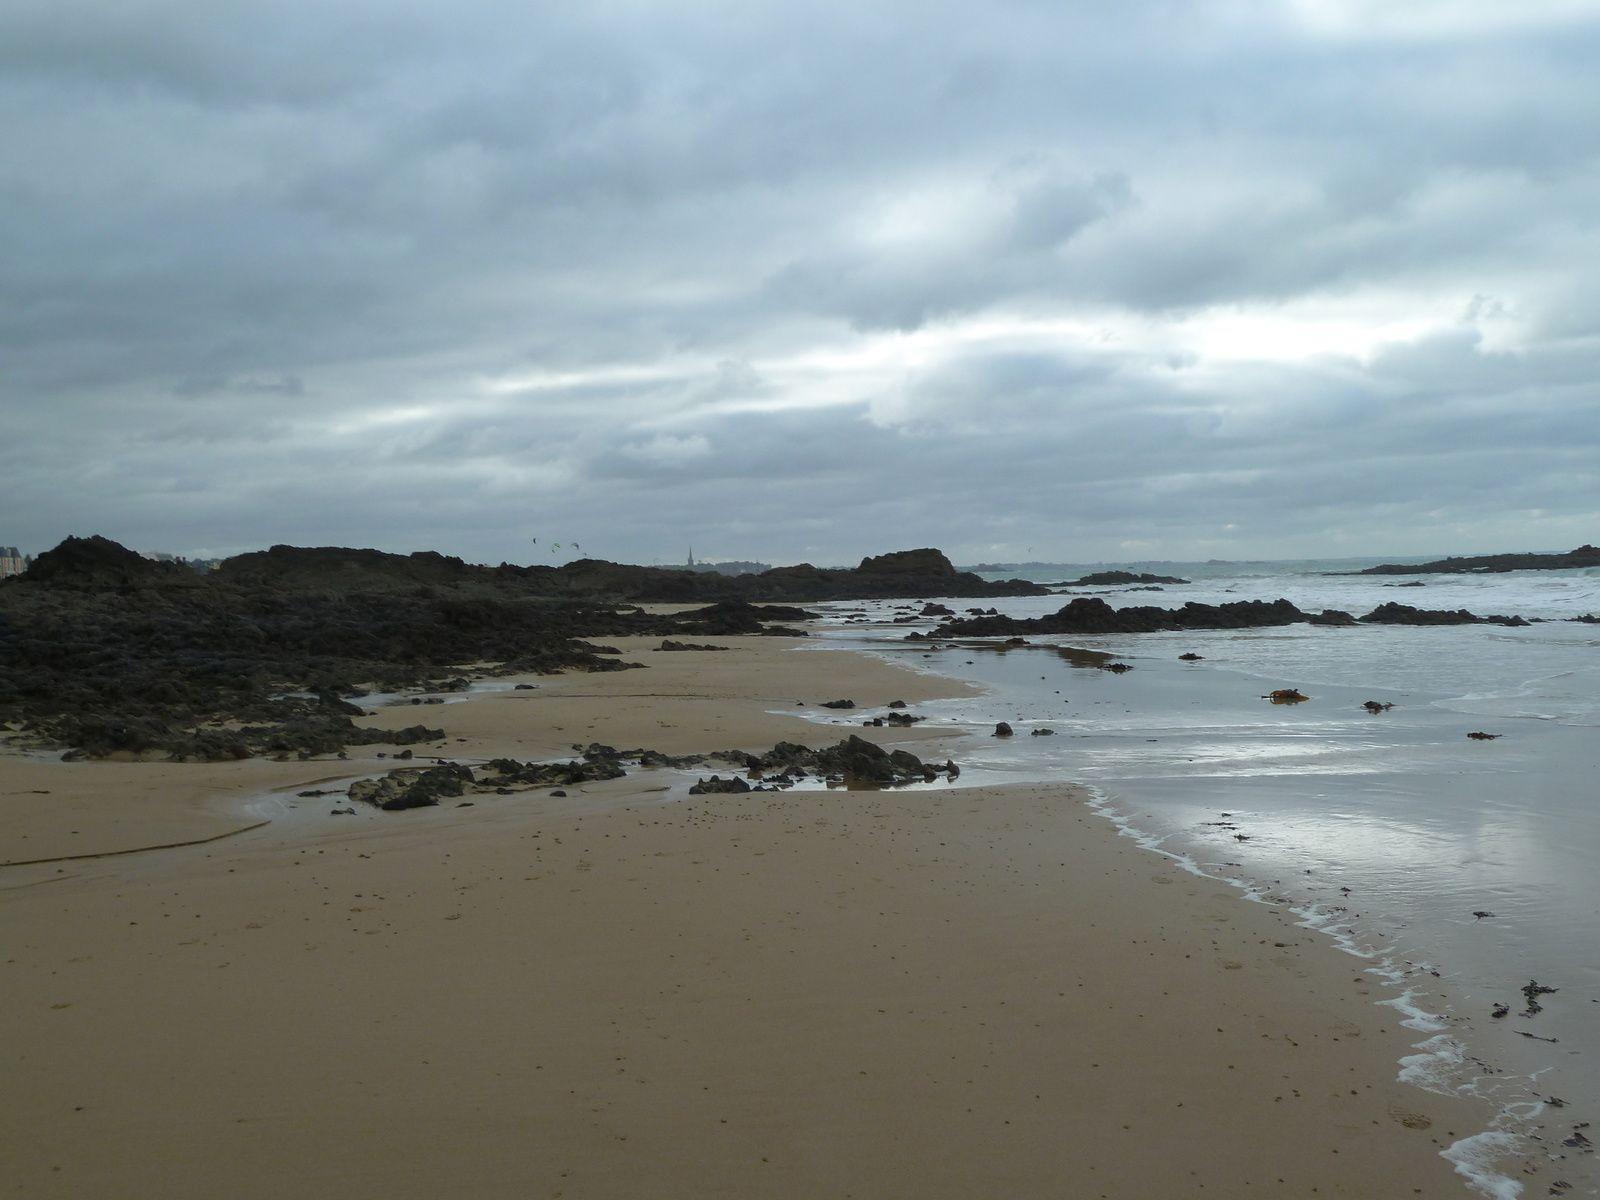 Malgré un temps un peu agité, nous sommes partis de cette magnifique plage à marée basse pour une grande promenade...